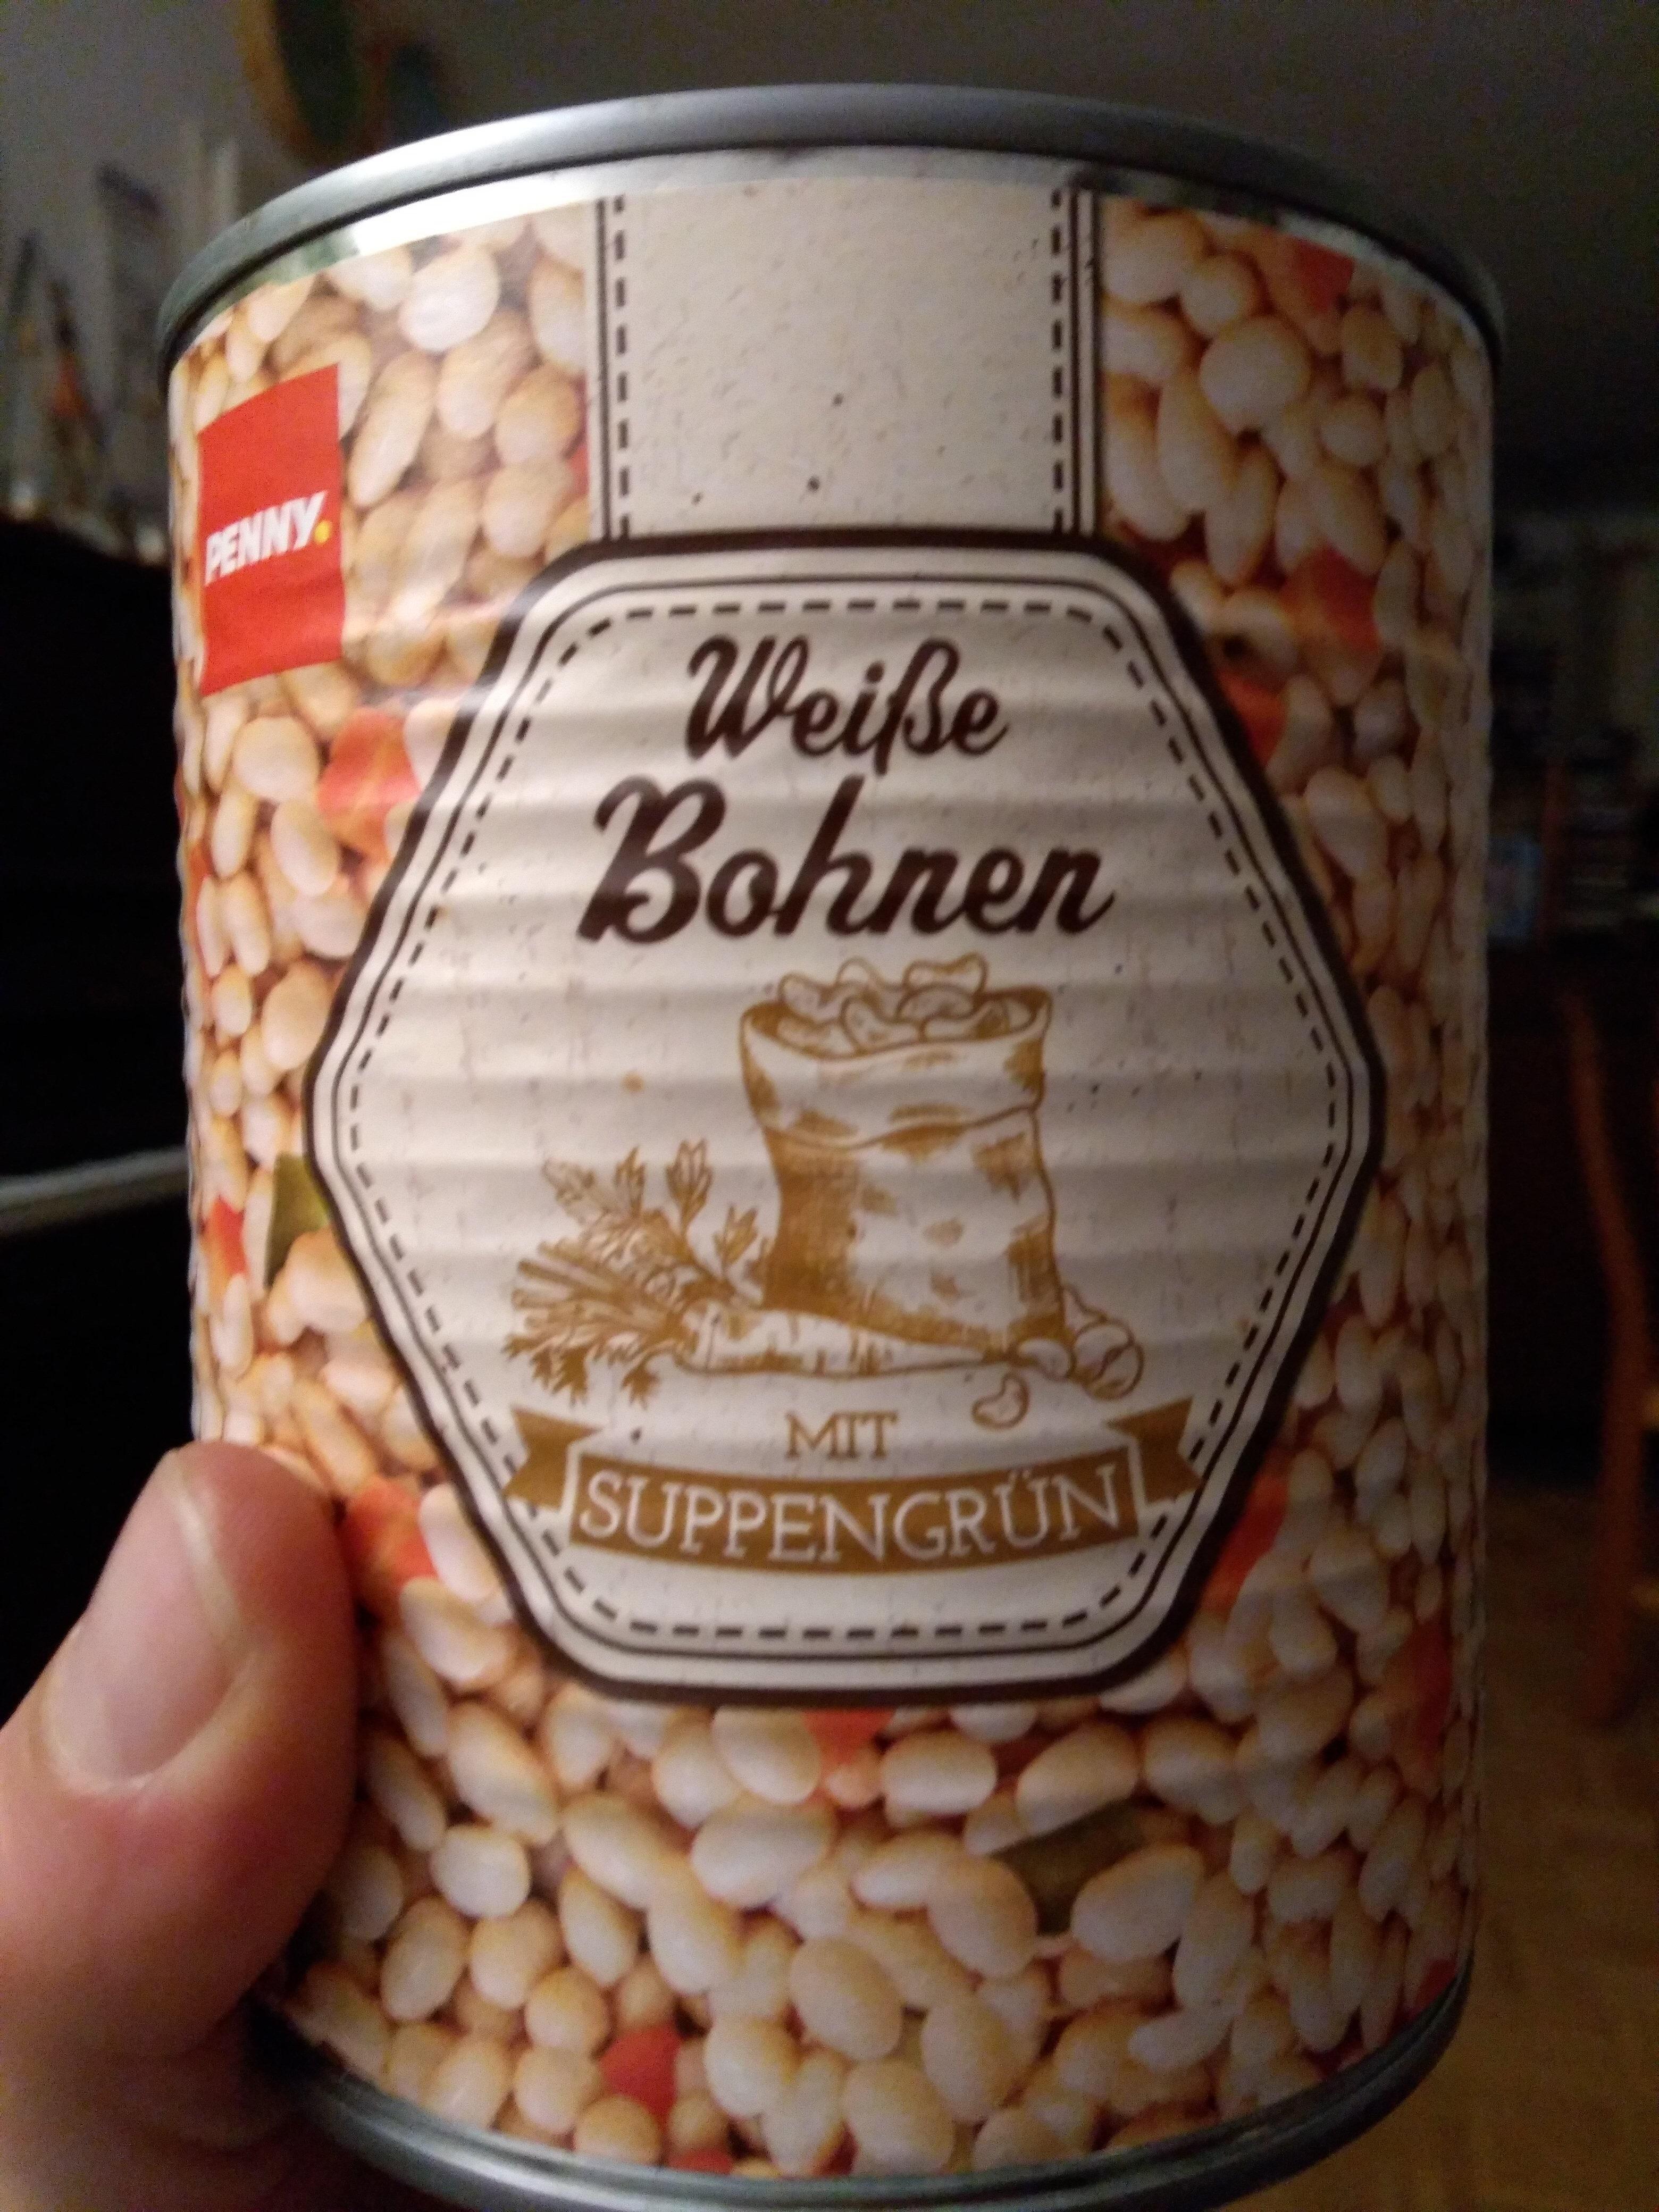 Weiße Bohnen - Produkt